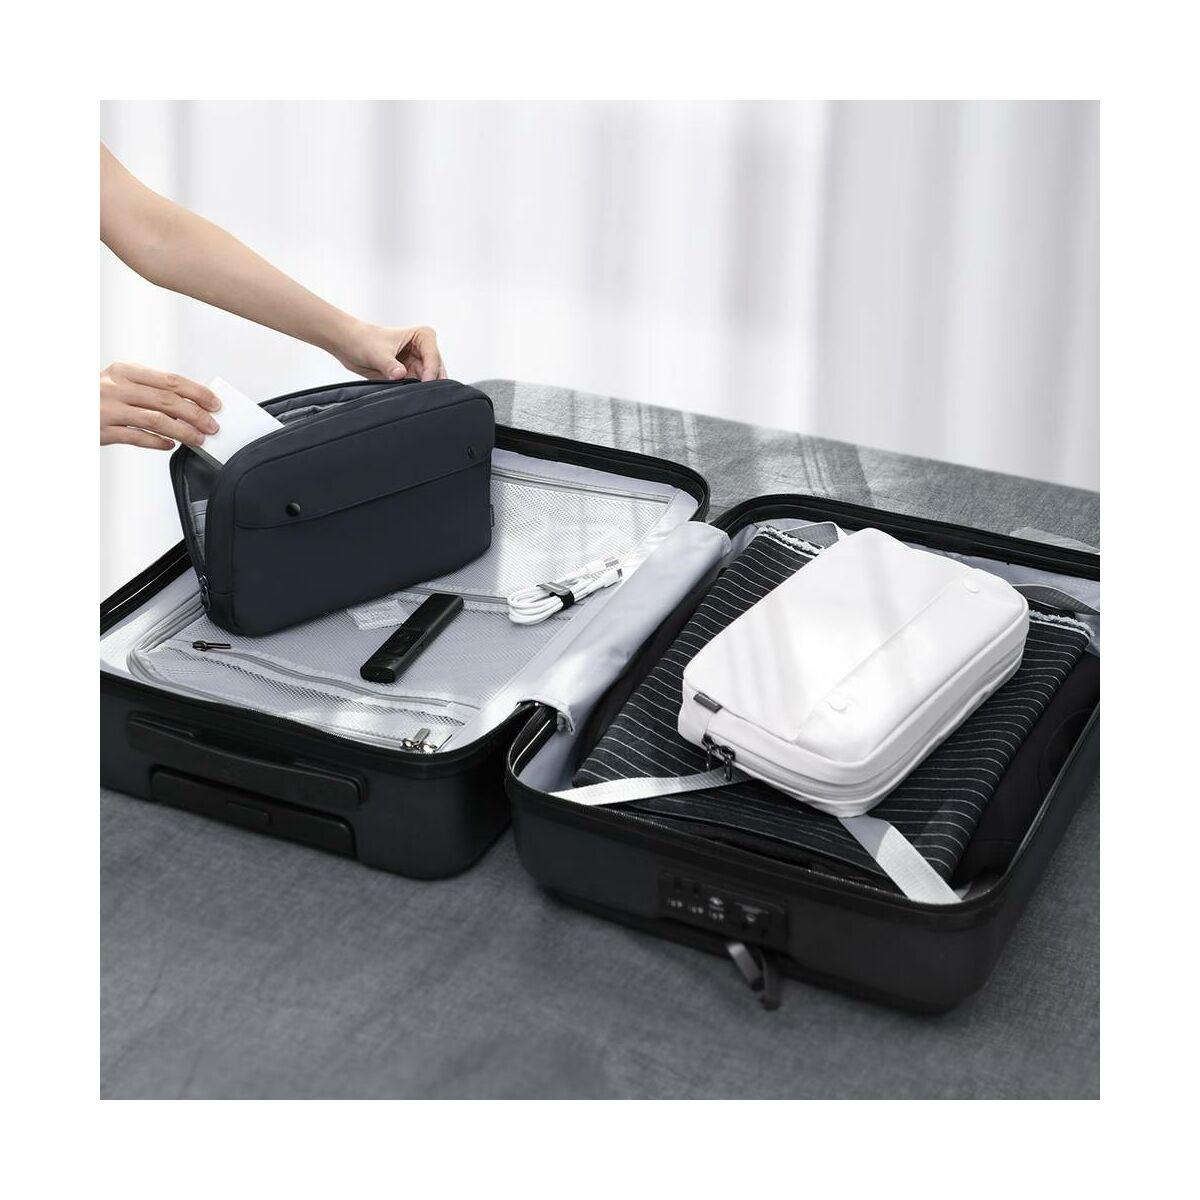 Baseus kézi táska, Basic series, Extra digital tároló, méret S (220 x 60 x 140 mm), szürke (LBJN-D0G)